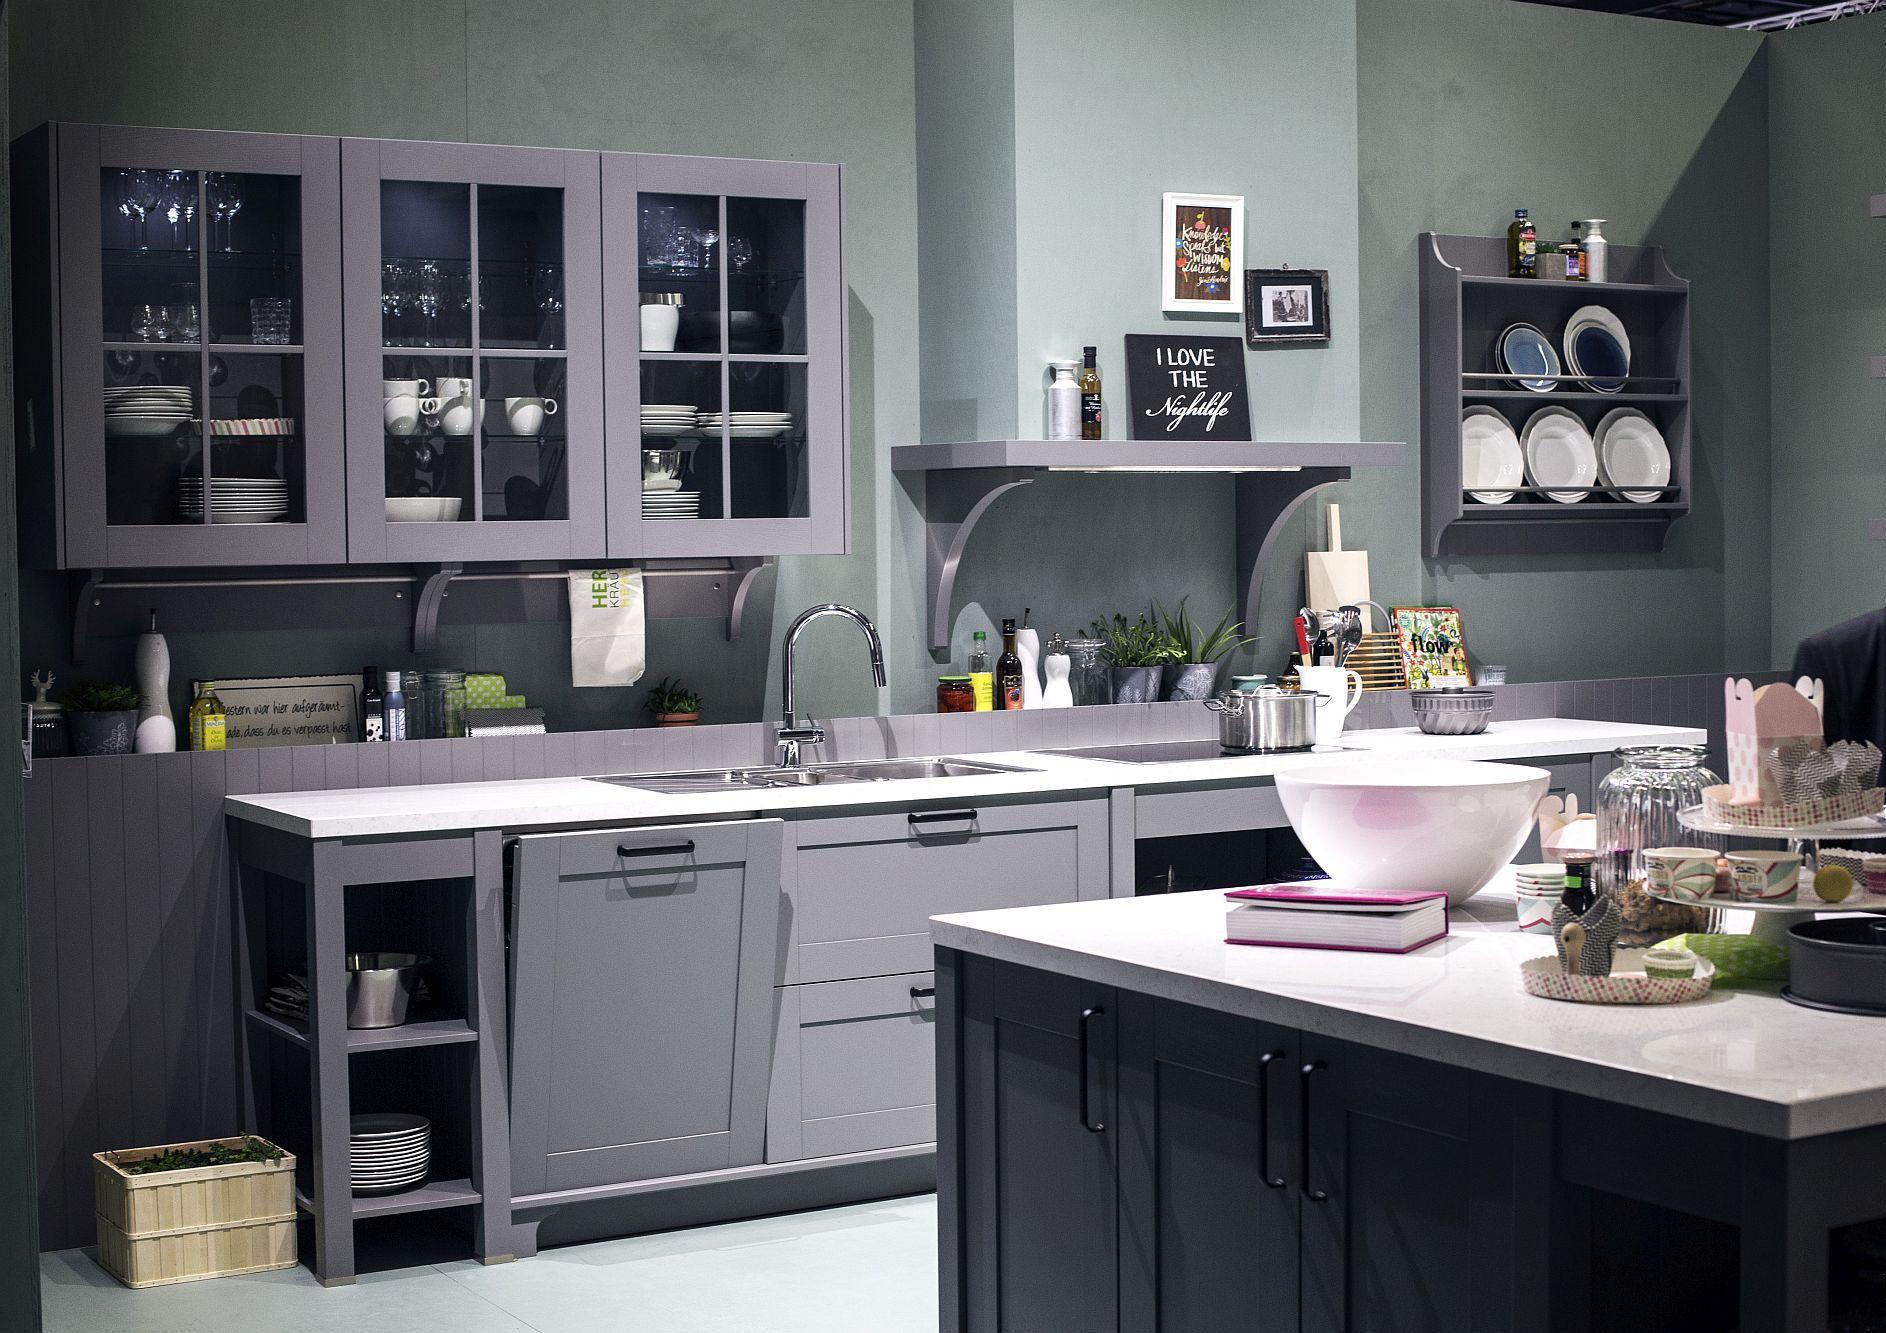 Cовременный дизайн серо-белой кухни, где серый доминирует - фото 2